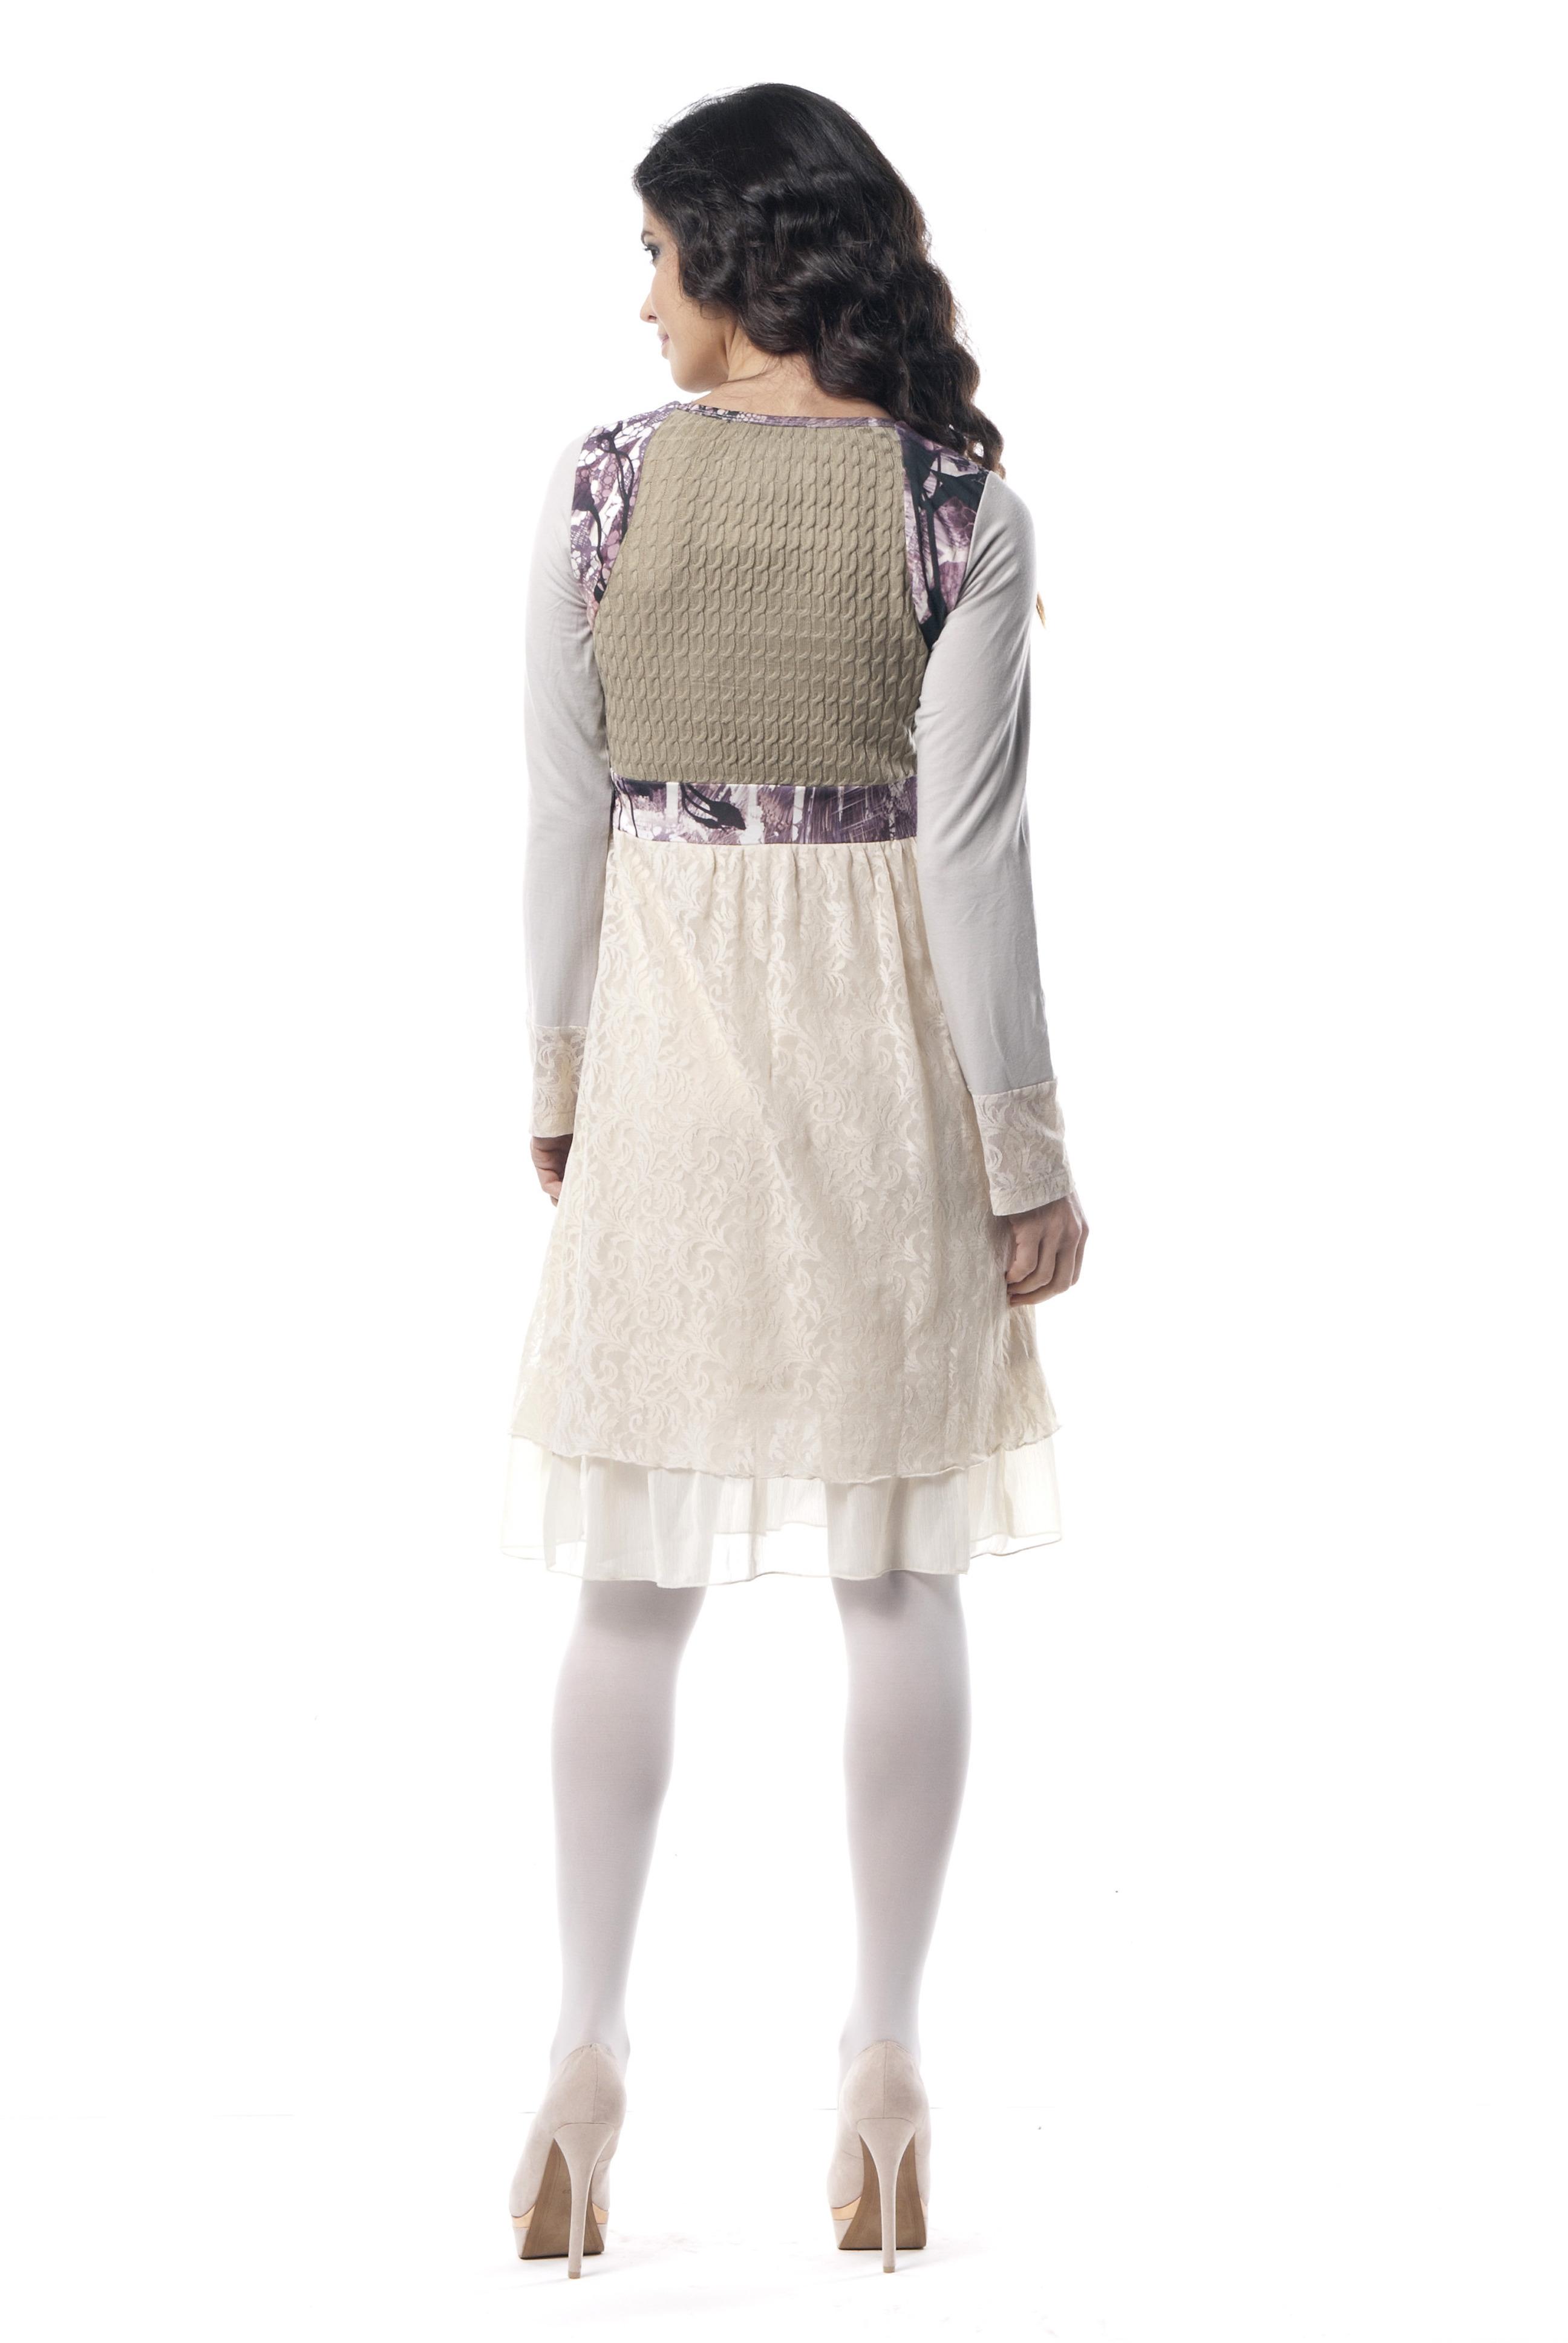 Les Fees Du Vent Couture: Belissola Dress (Almost Gone!)